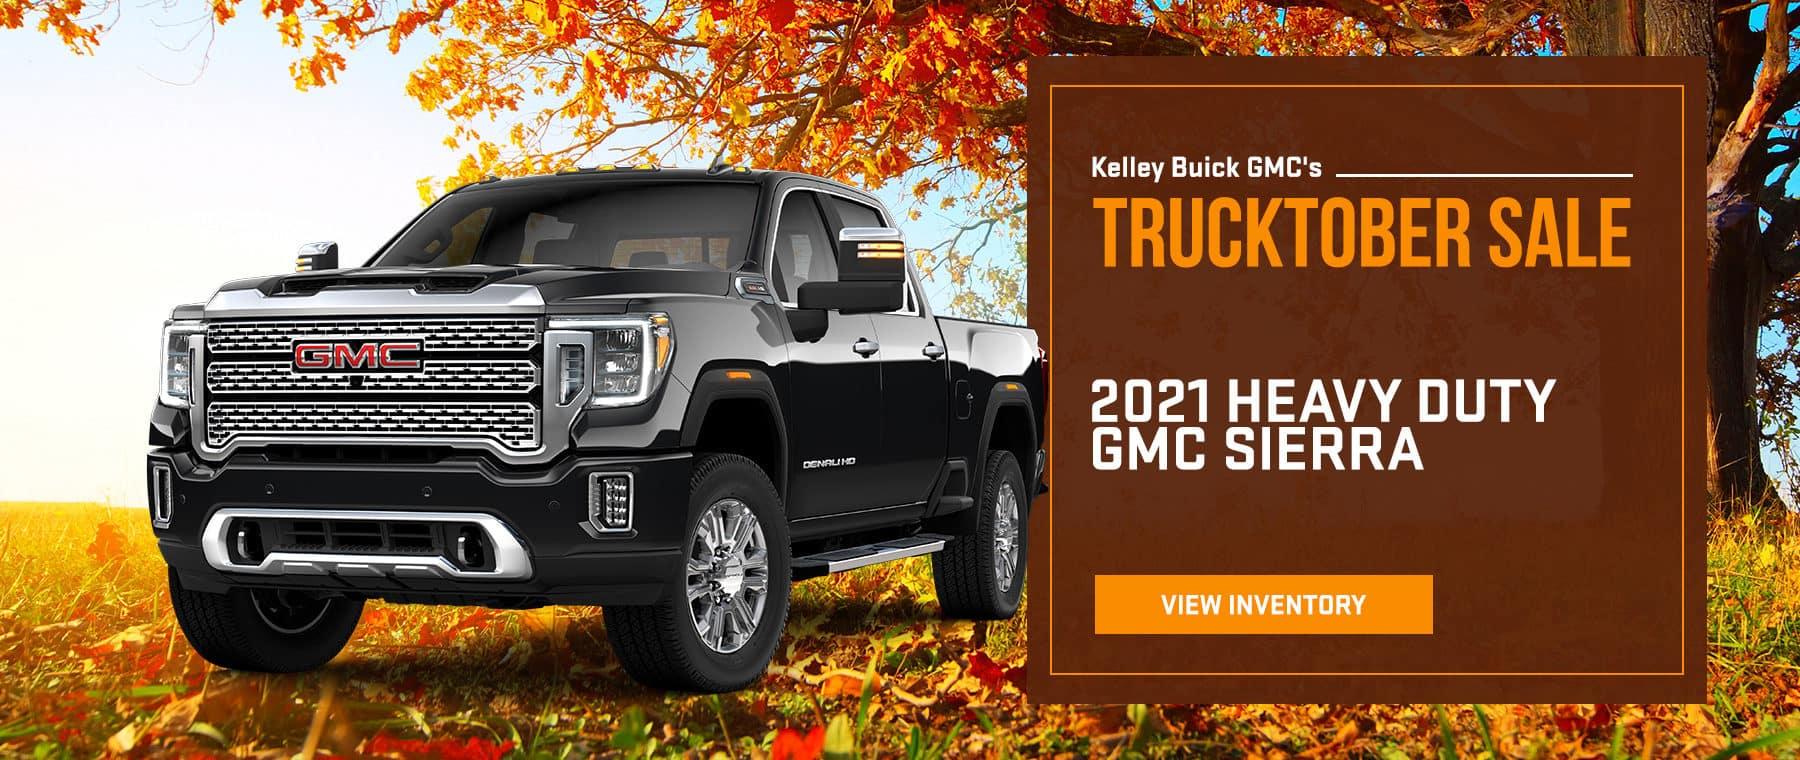 2021 Heavy Duty GMC Sierra